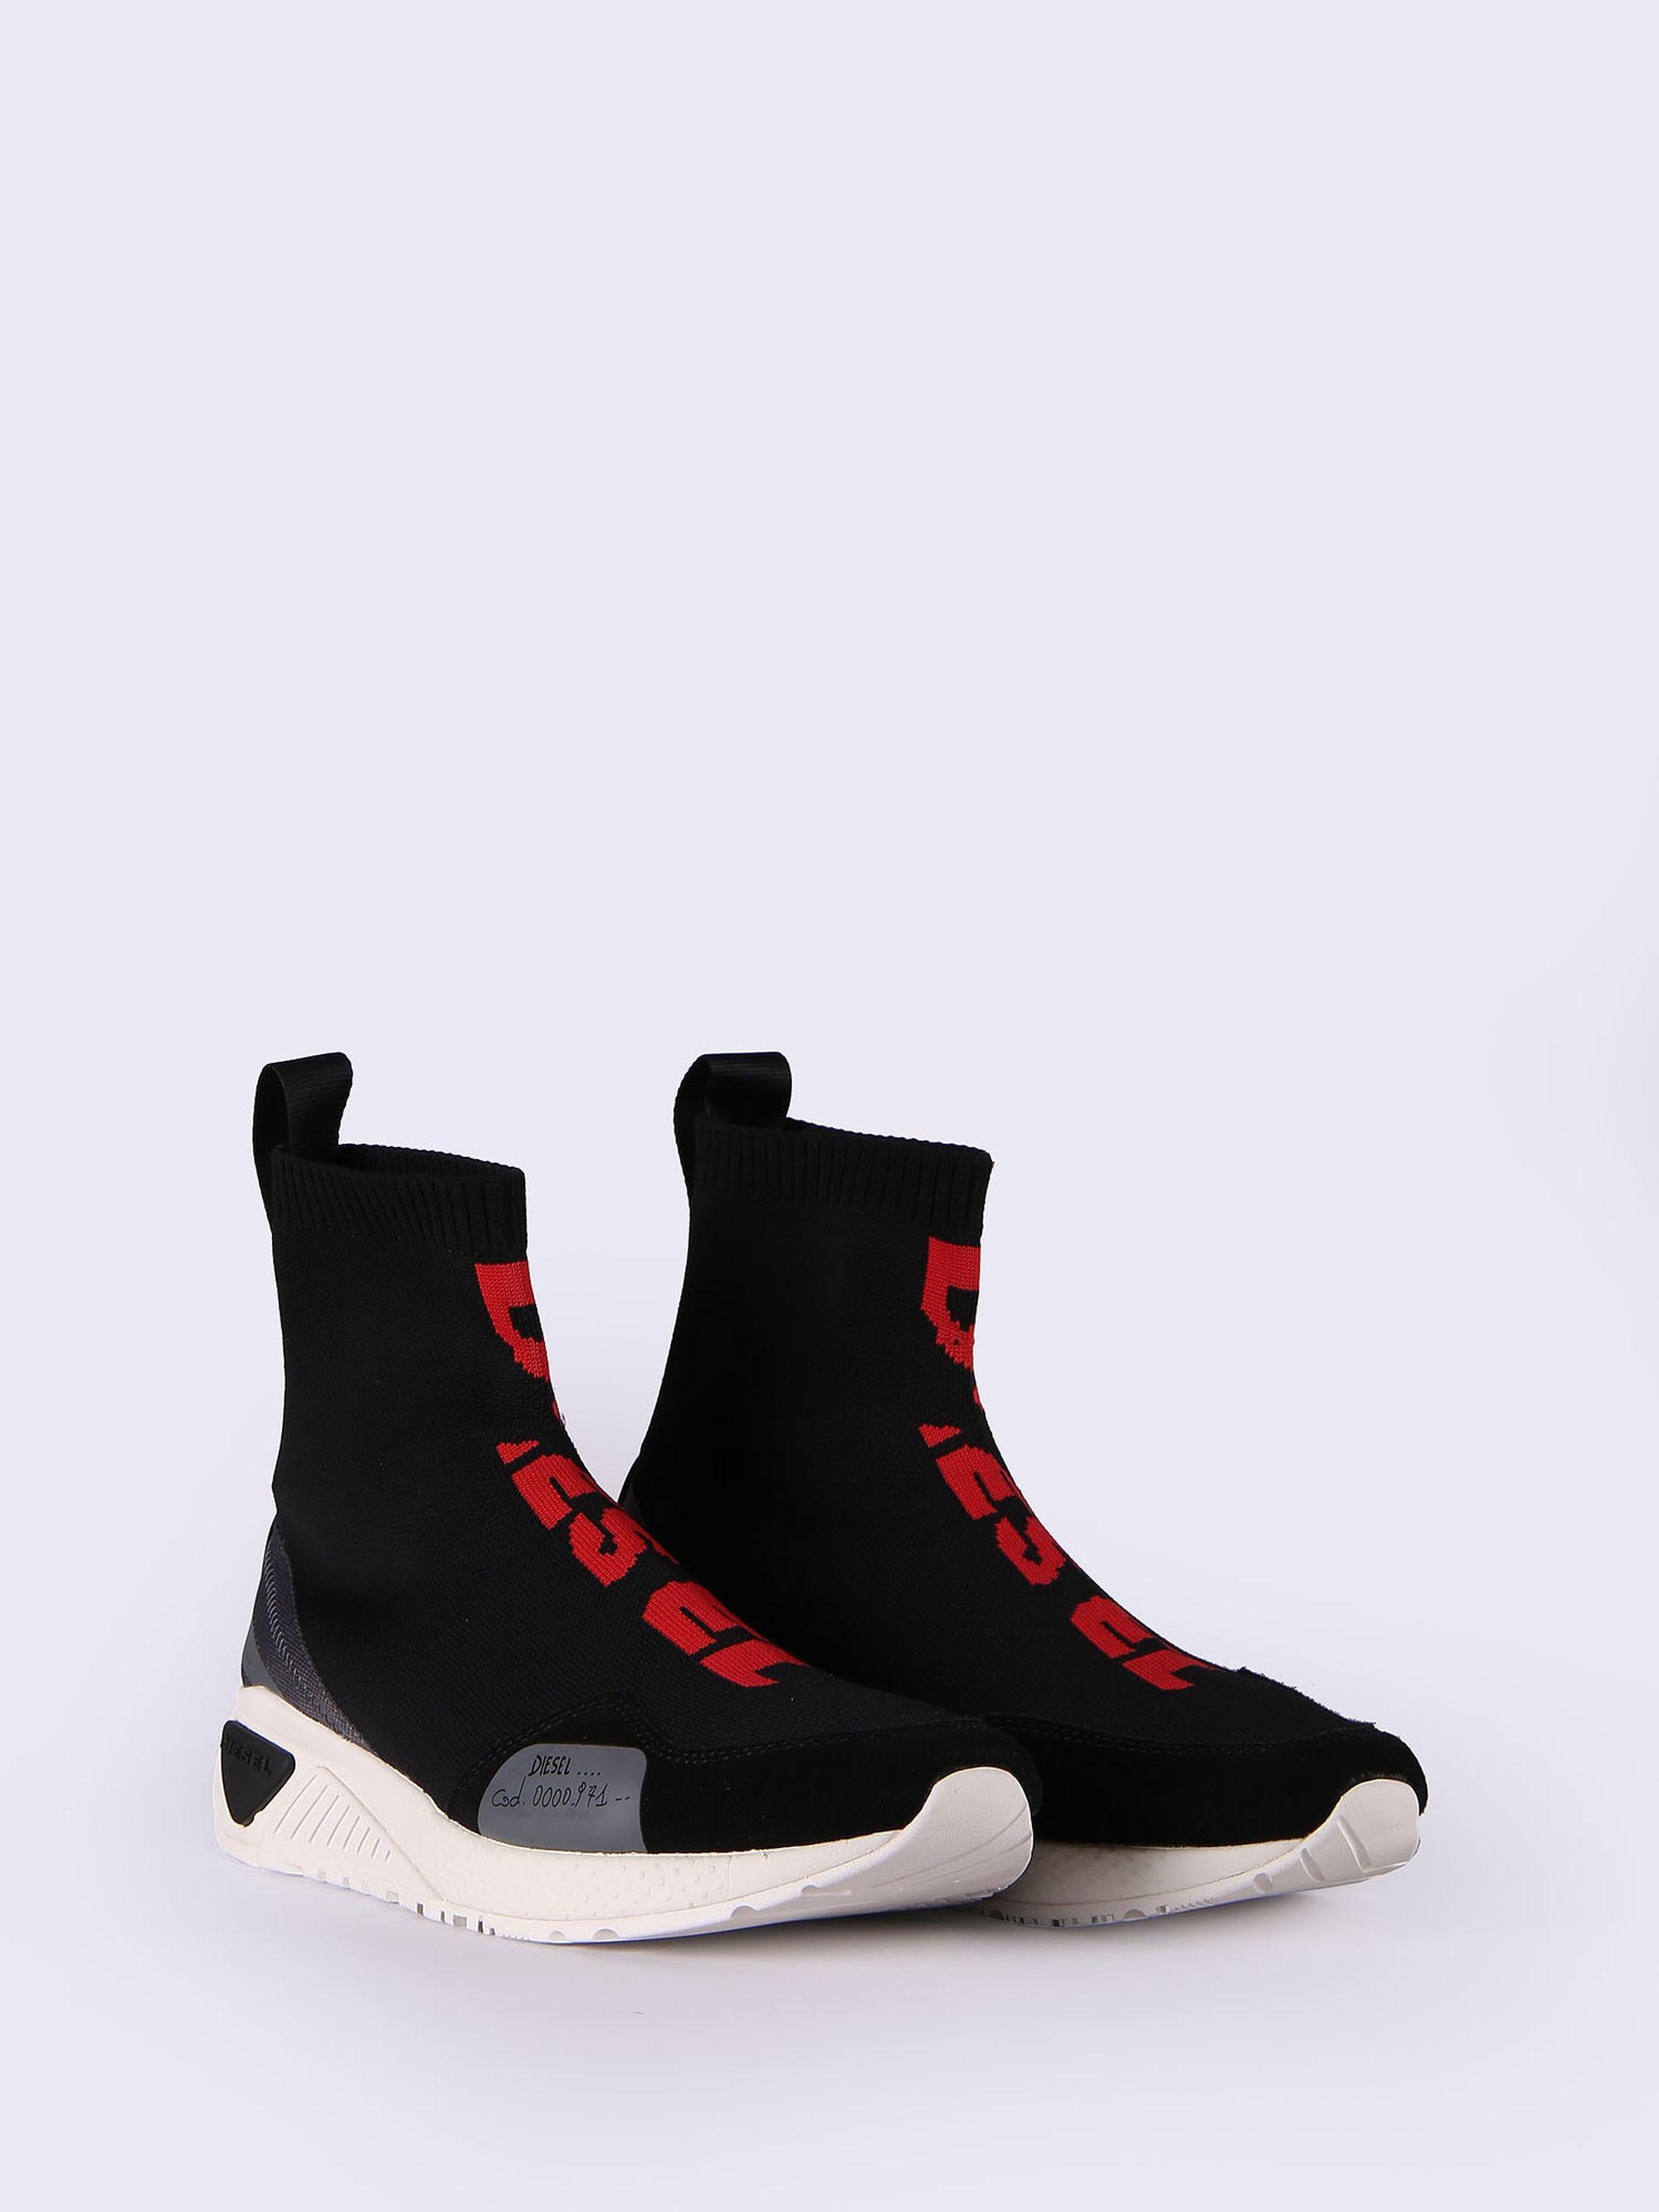 DIESEL S-kb Mid Sock in Black for Men